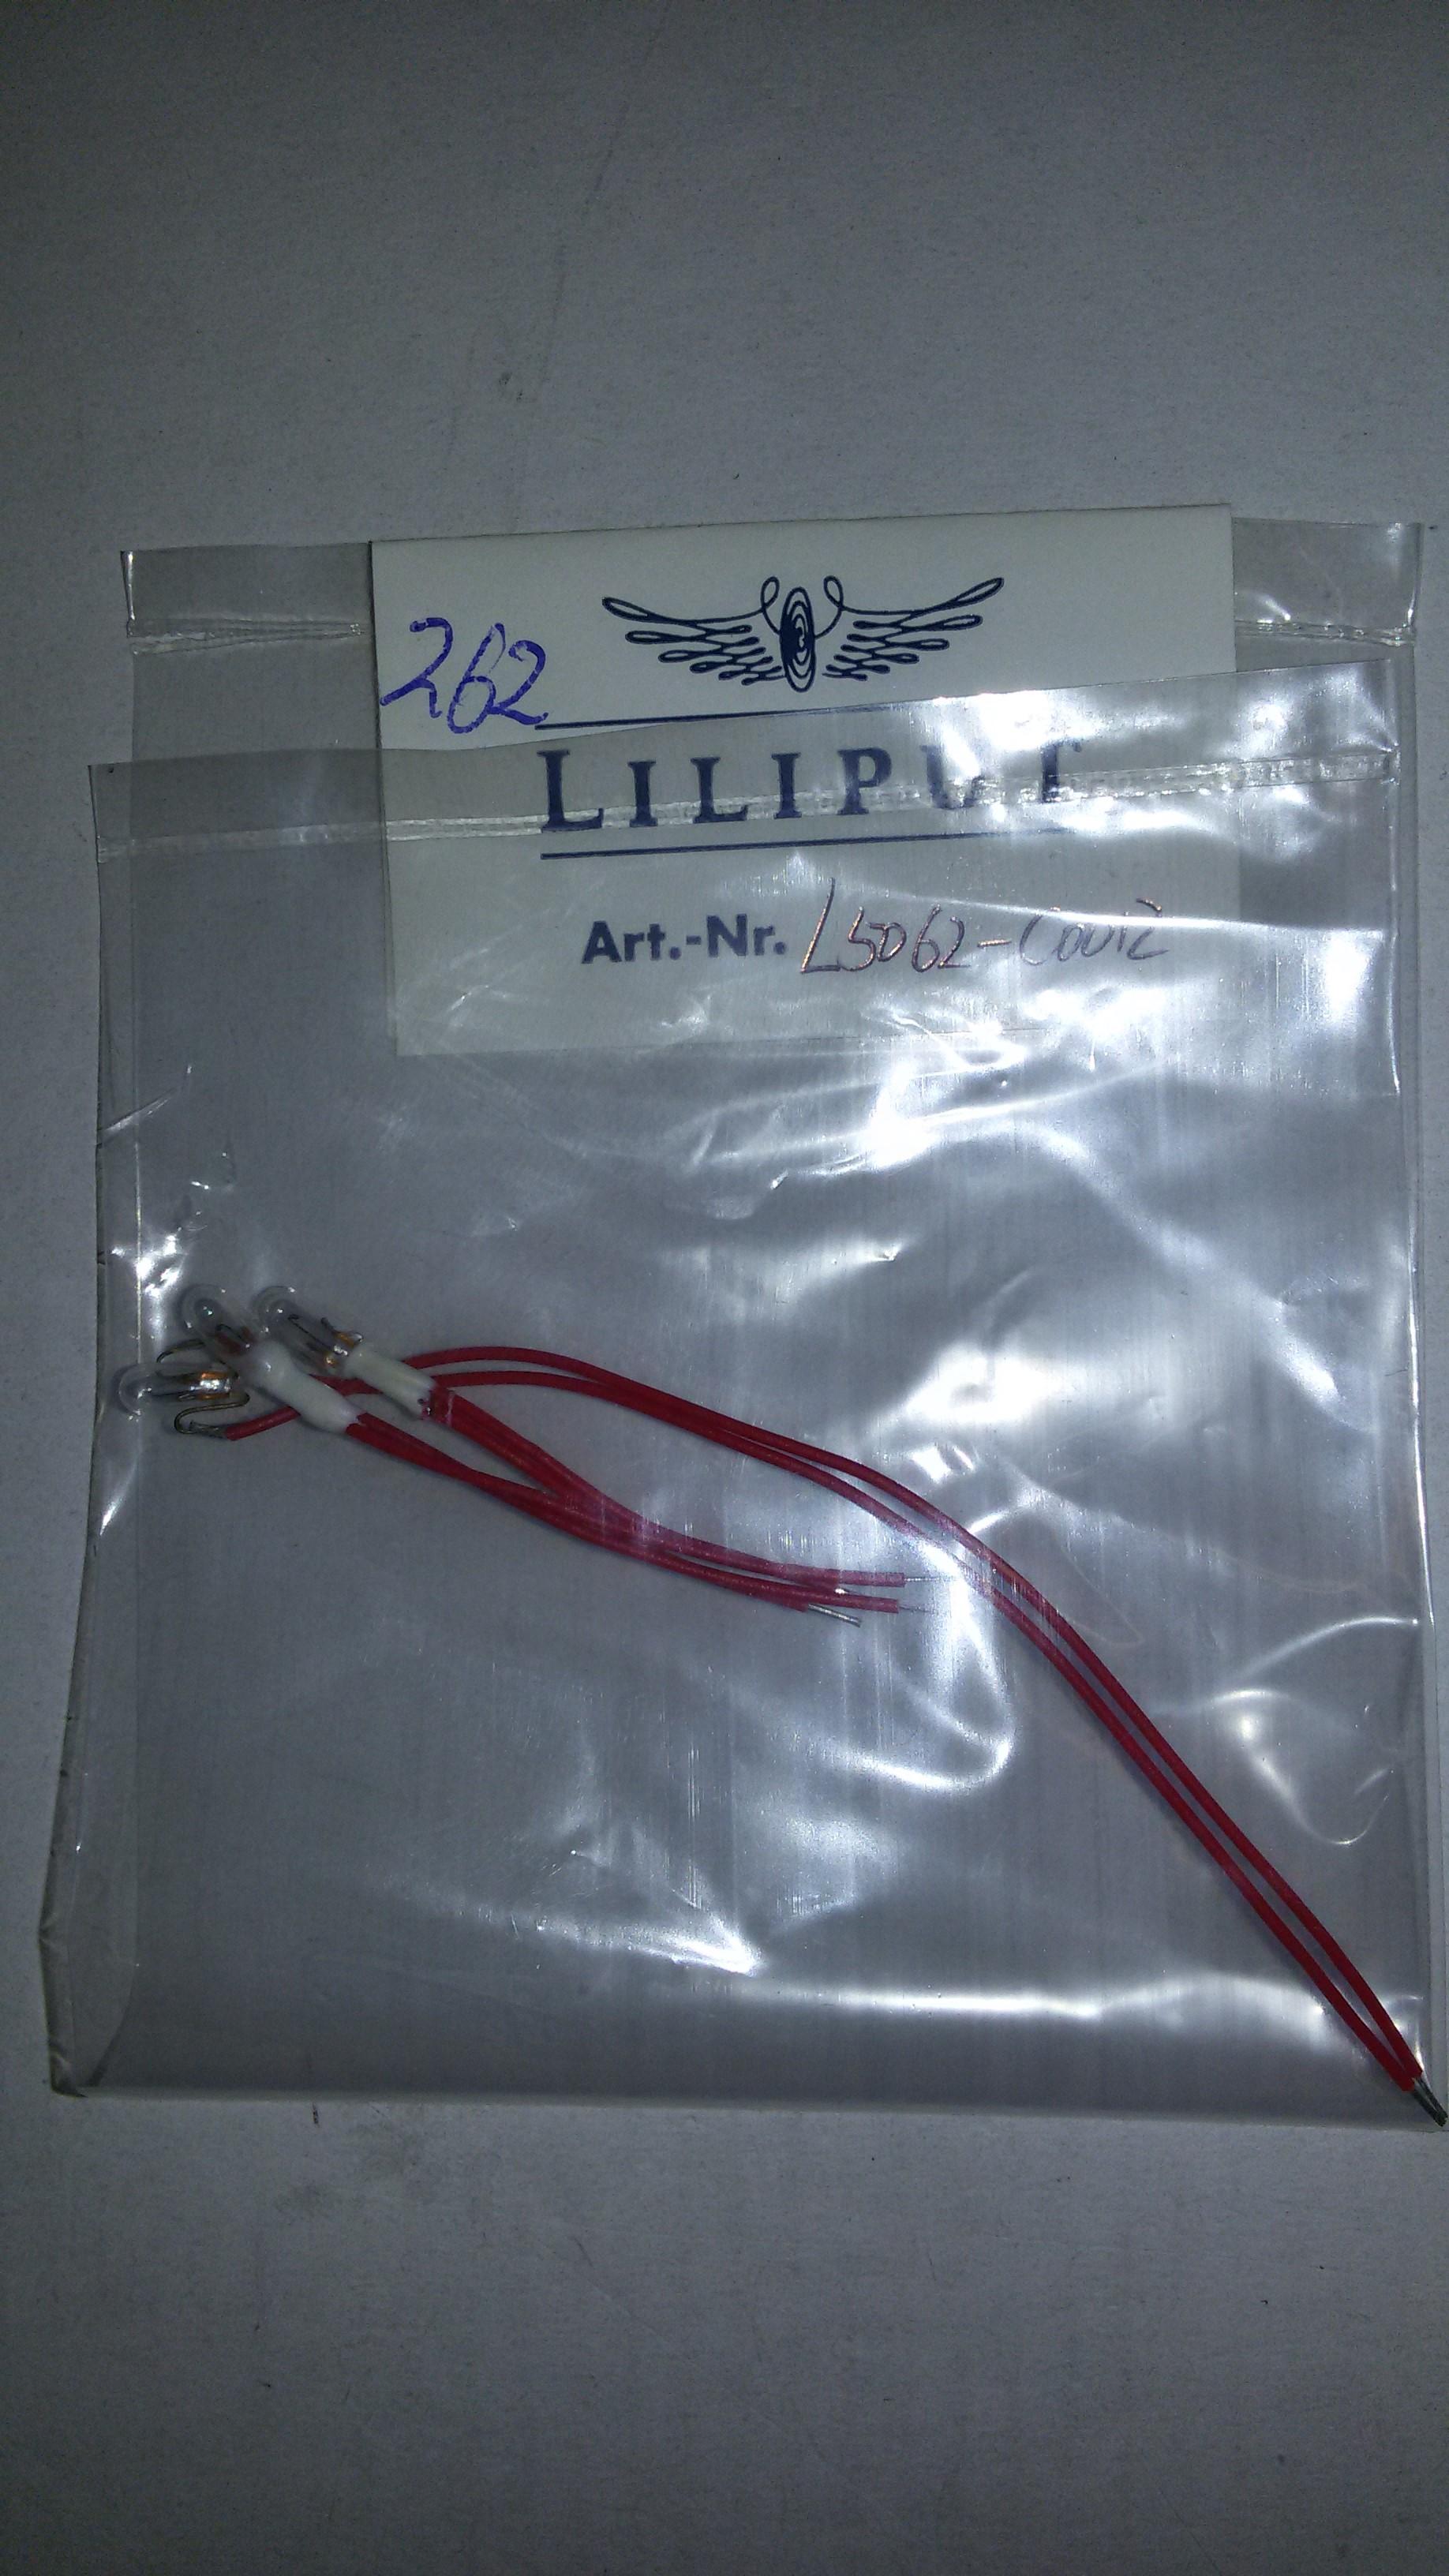 *LO 262* Liliput Ersatzteil L50620012 Birnchensatz